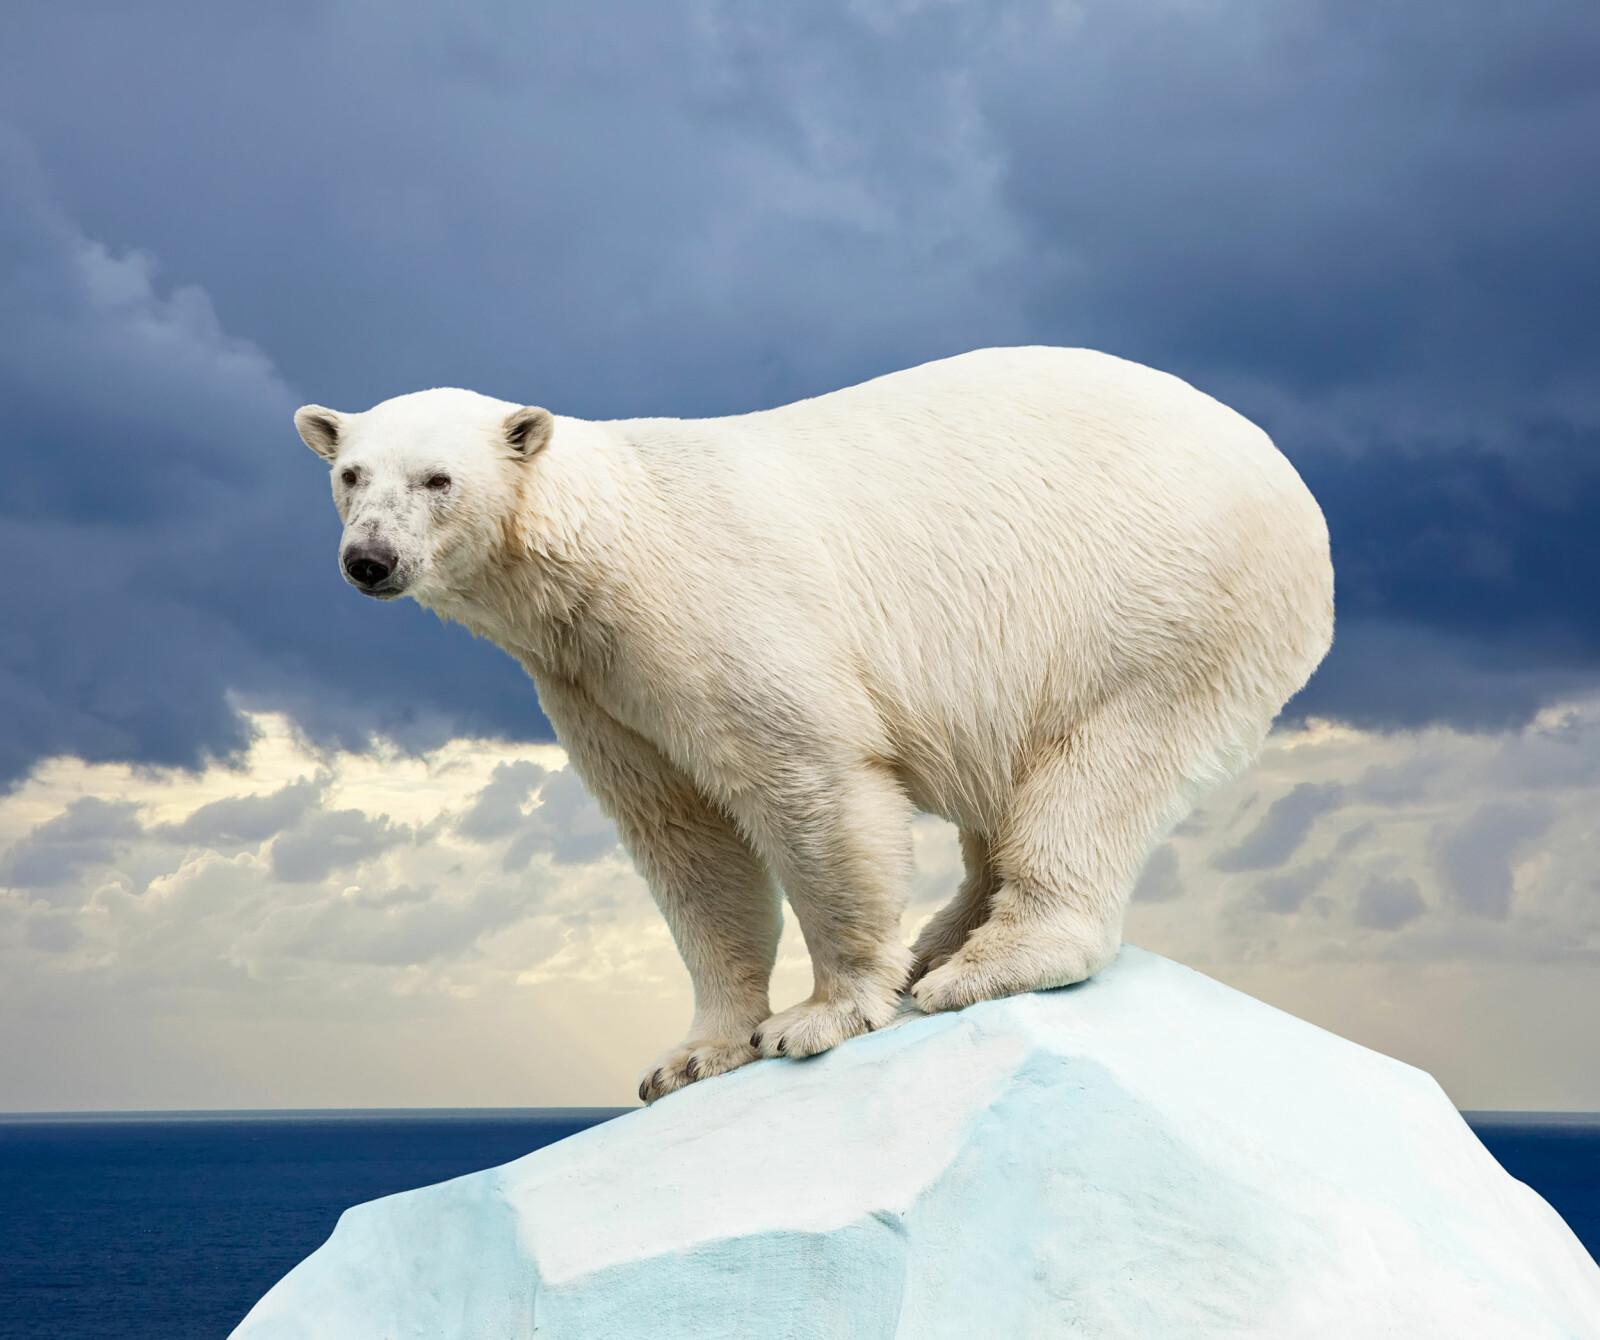 <b>GODT RUSTET:</b> Isbjørnen har et tykt lag av underhudsfett som gjør at den tåler det tøffe klimaet. (Foto: Shutterstock)